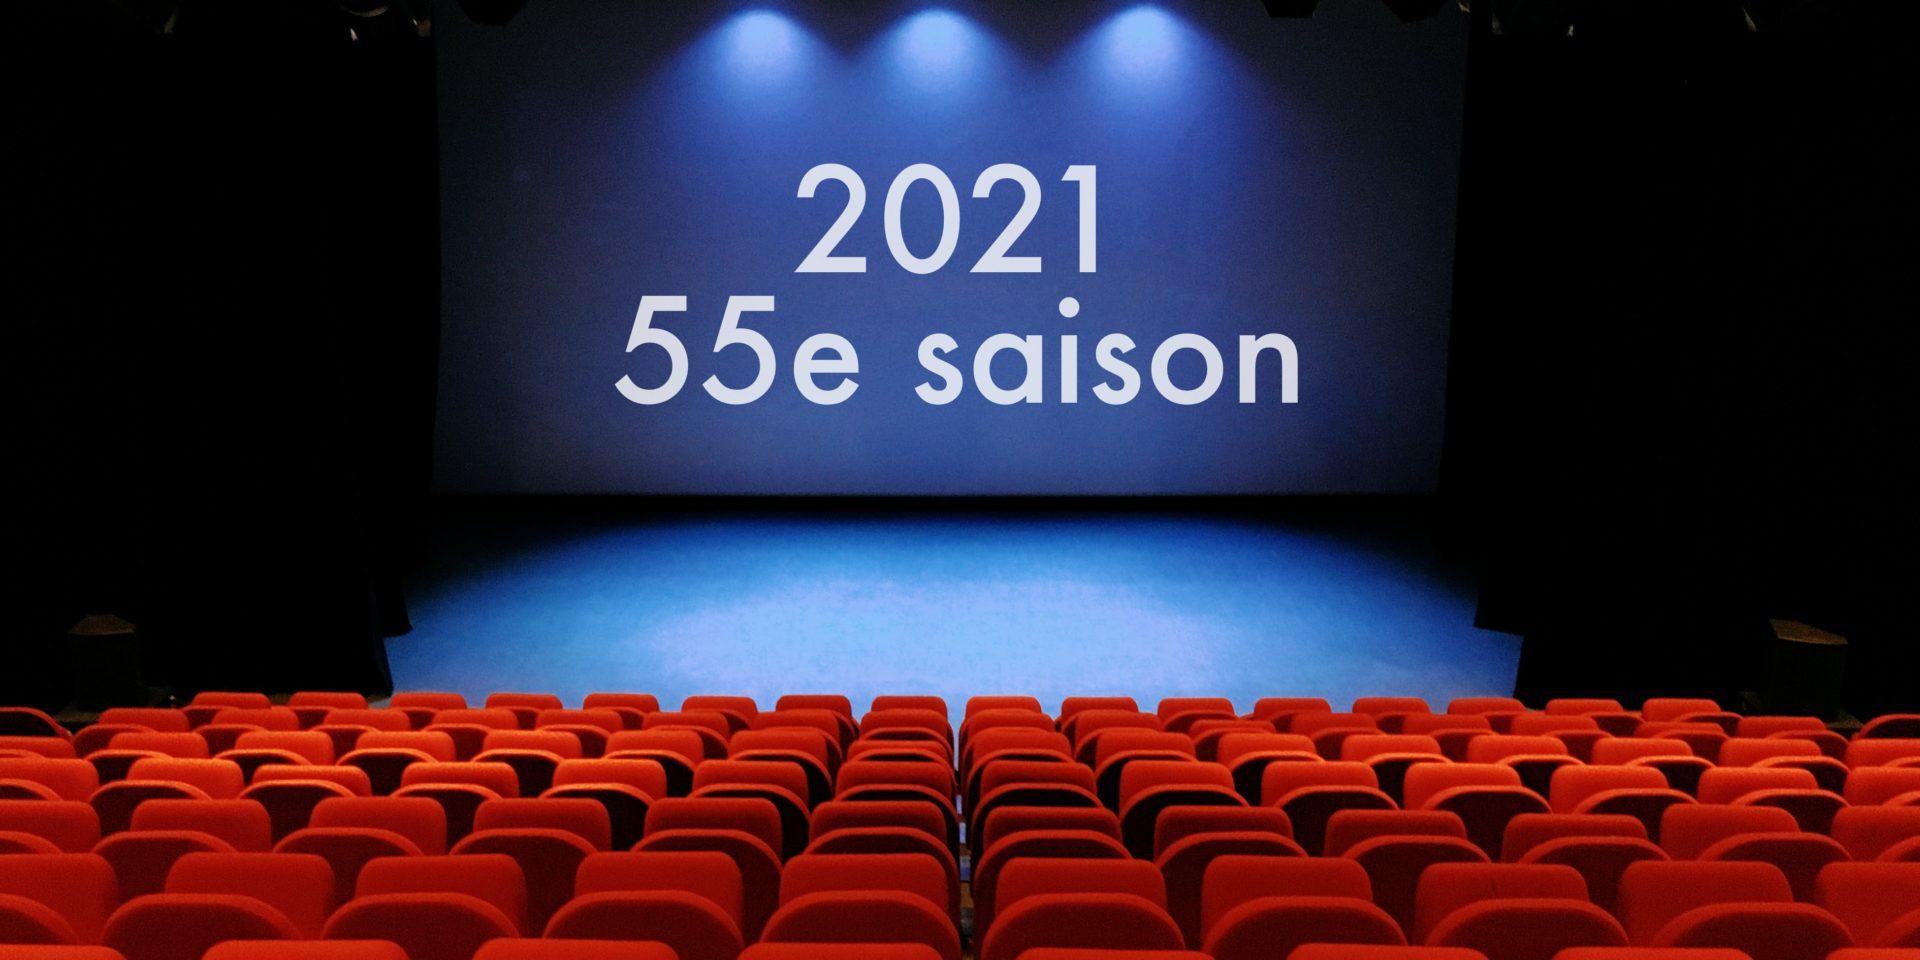 2021 – 55e saison